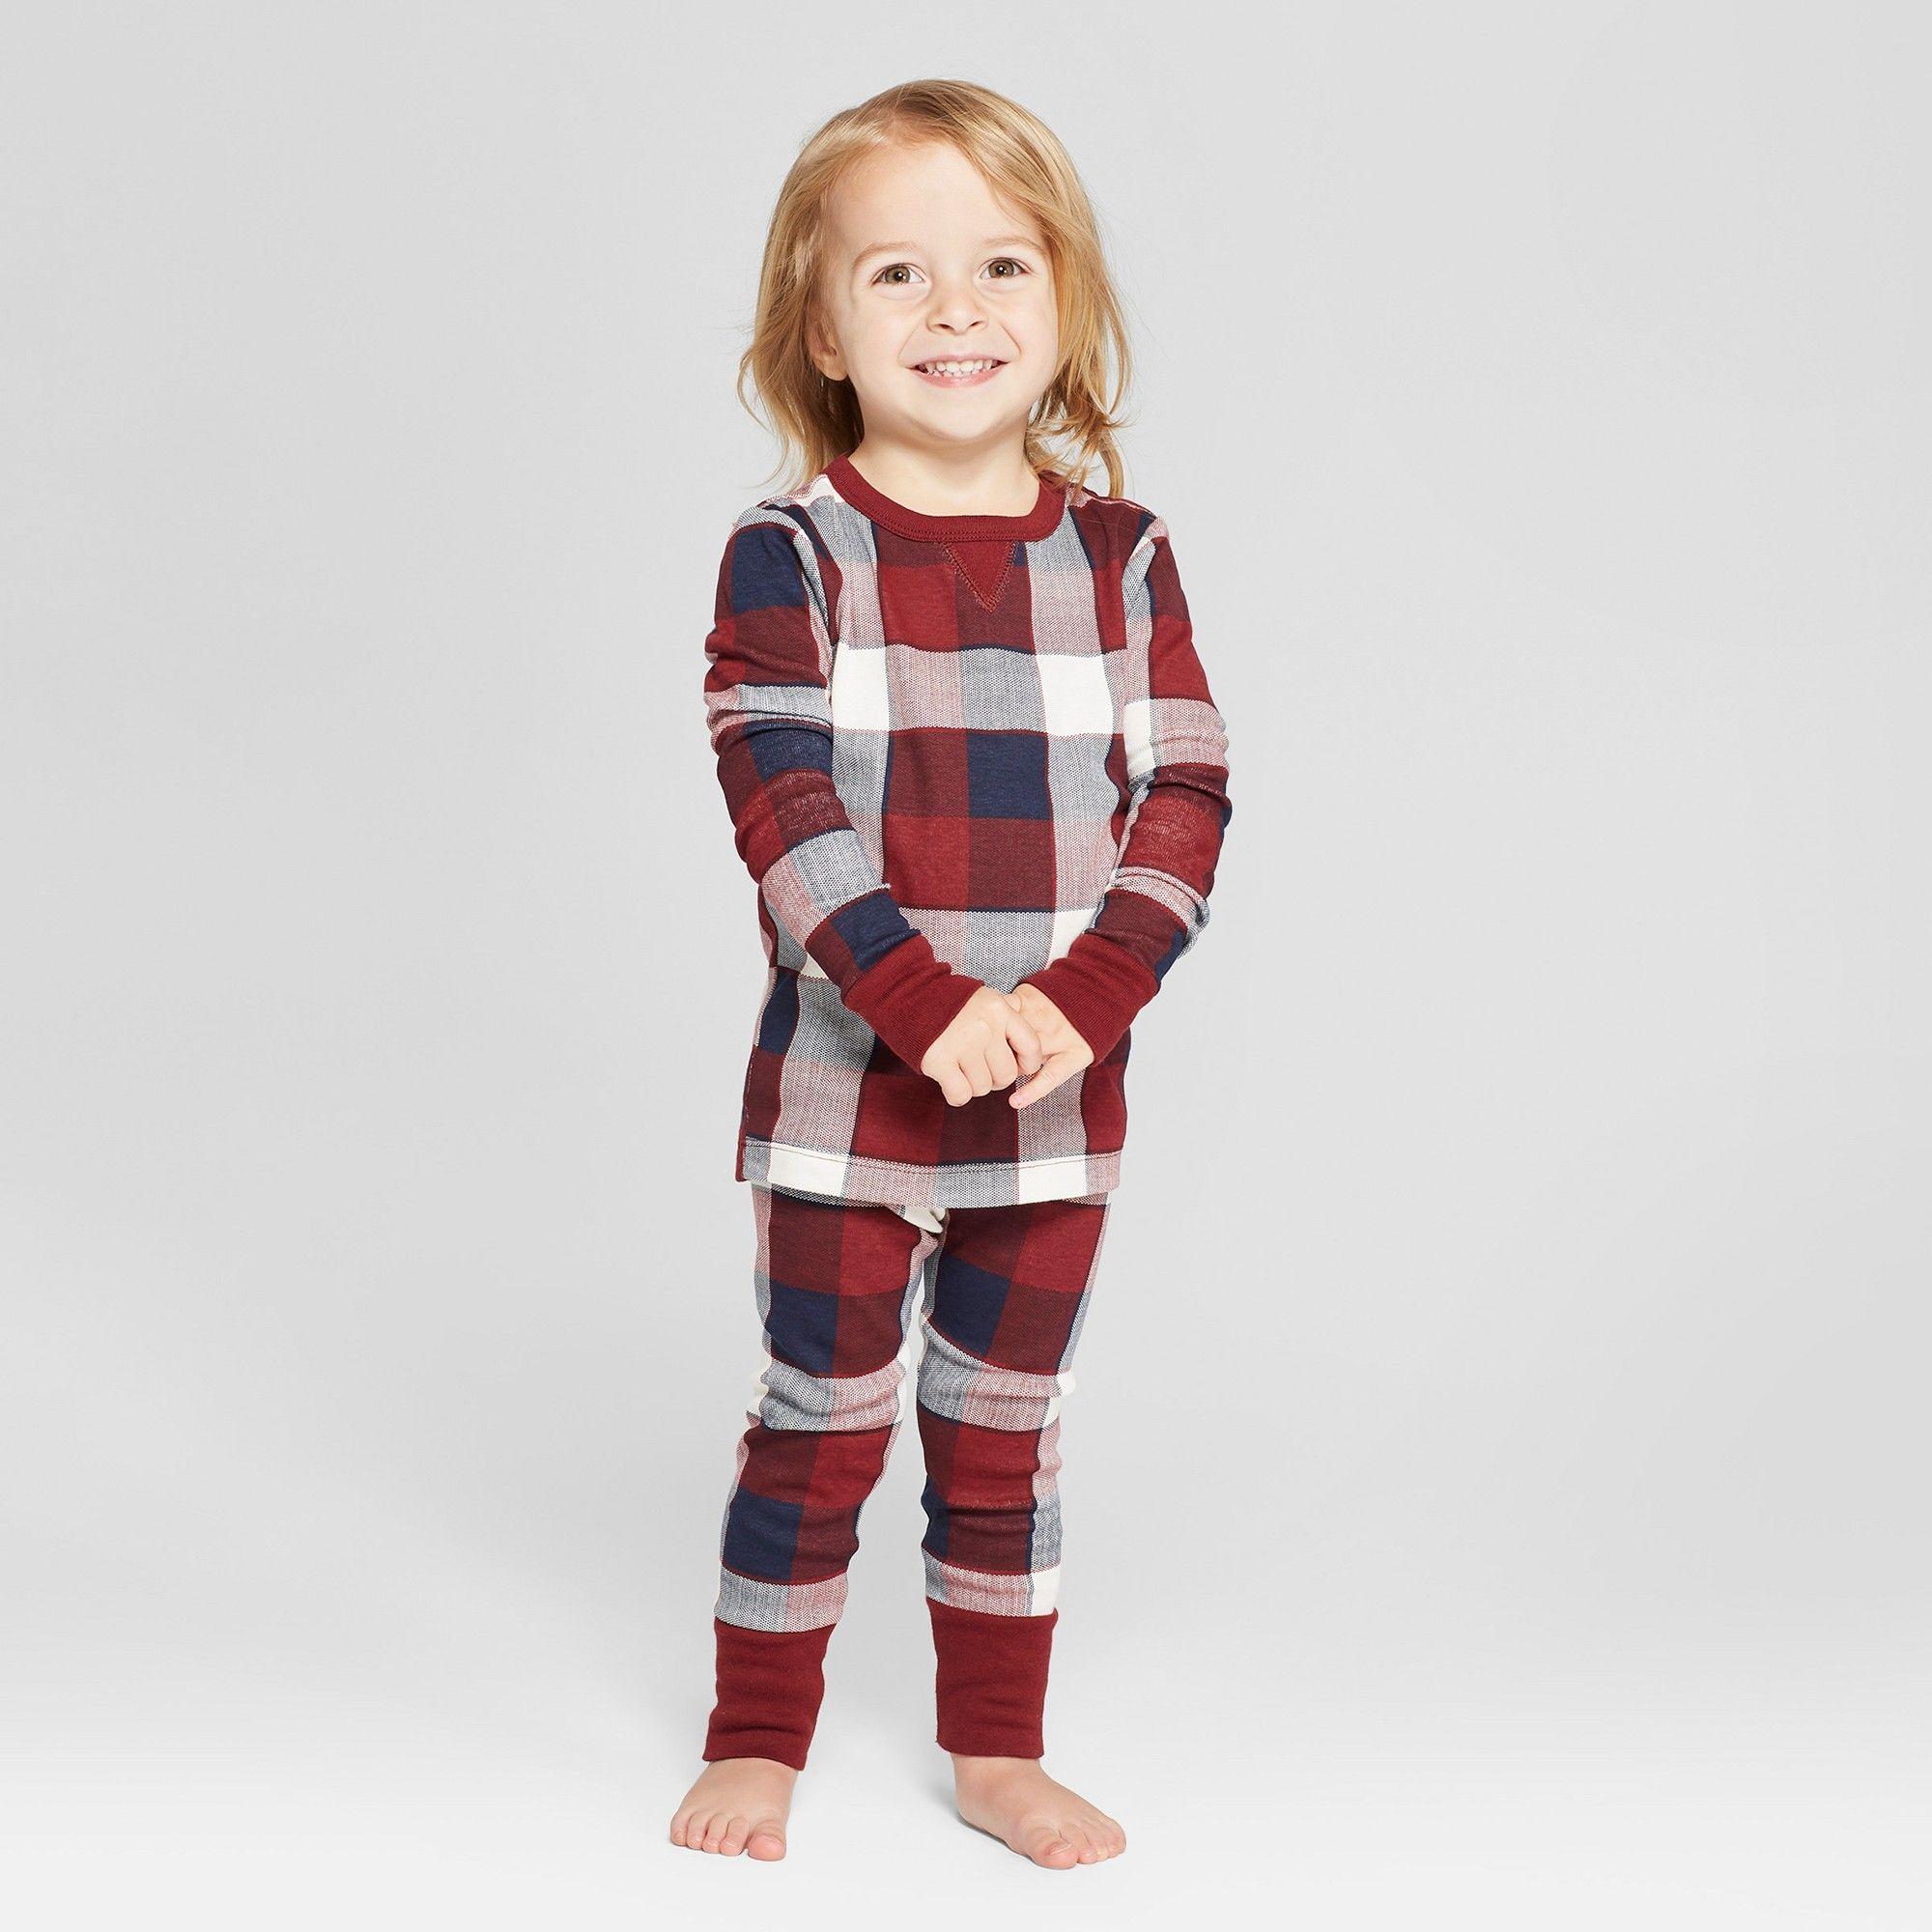 Toddler Plaid Pajama Set Red 12M, Toddler Unisex Plaid